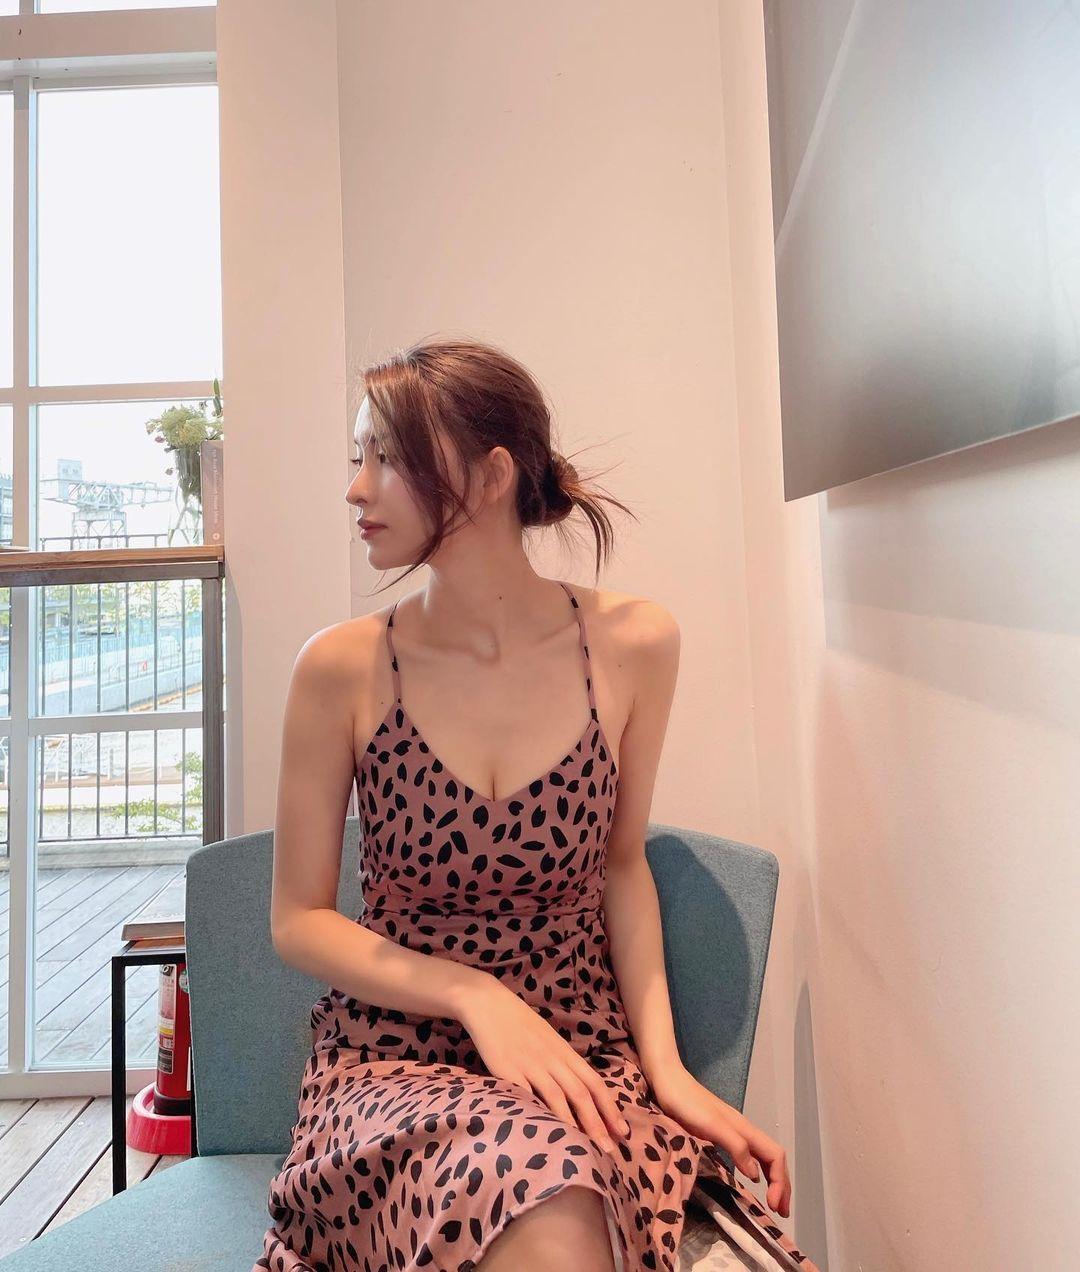 [人物]172cm 高甜御姐「奈月赛纳」写真曝光! 辣翻-喵喵女